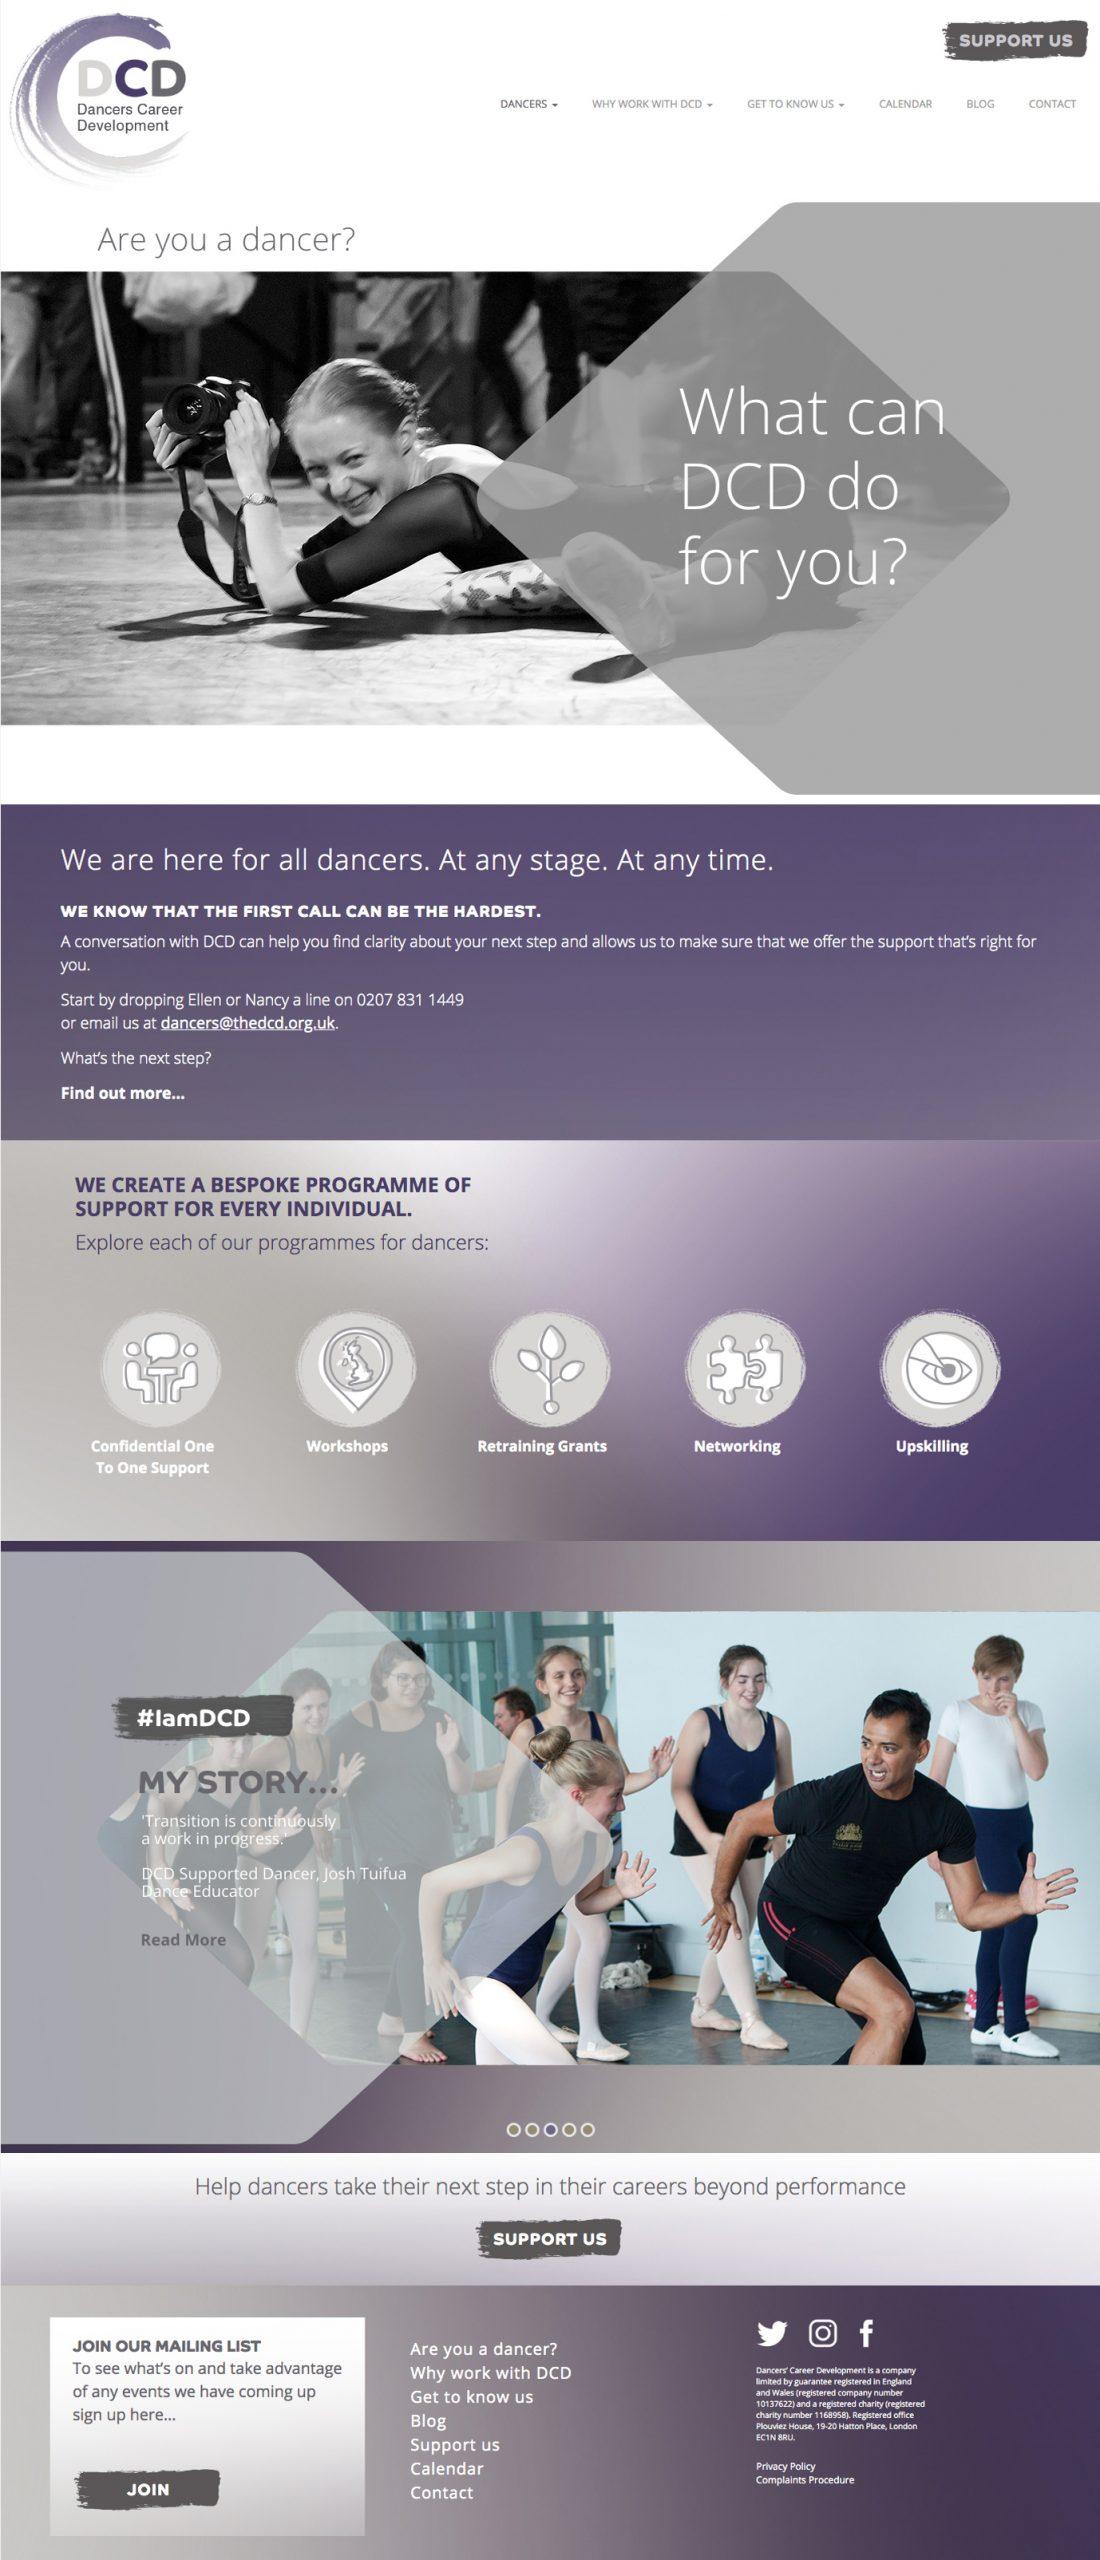 dancers career development wordpress website